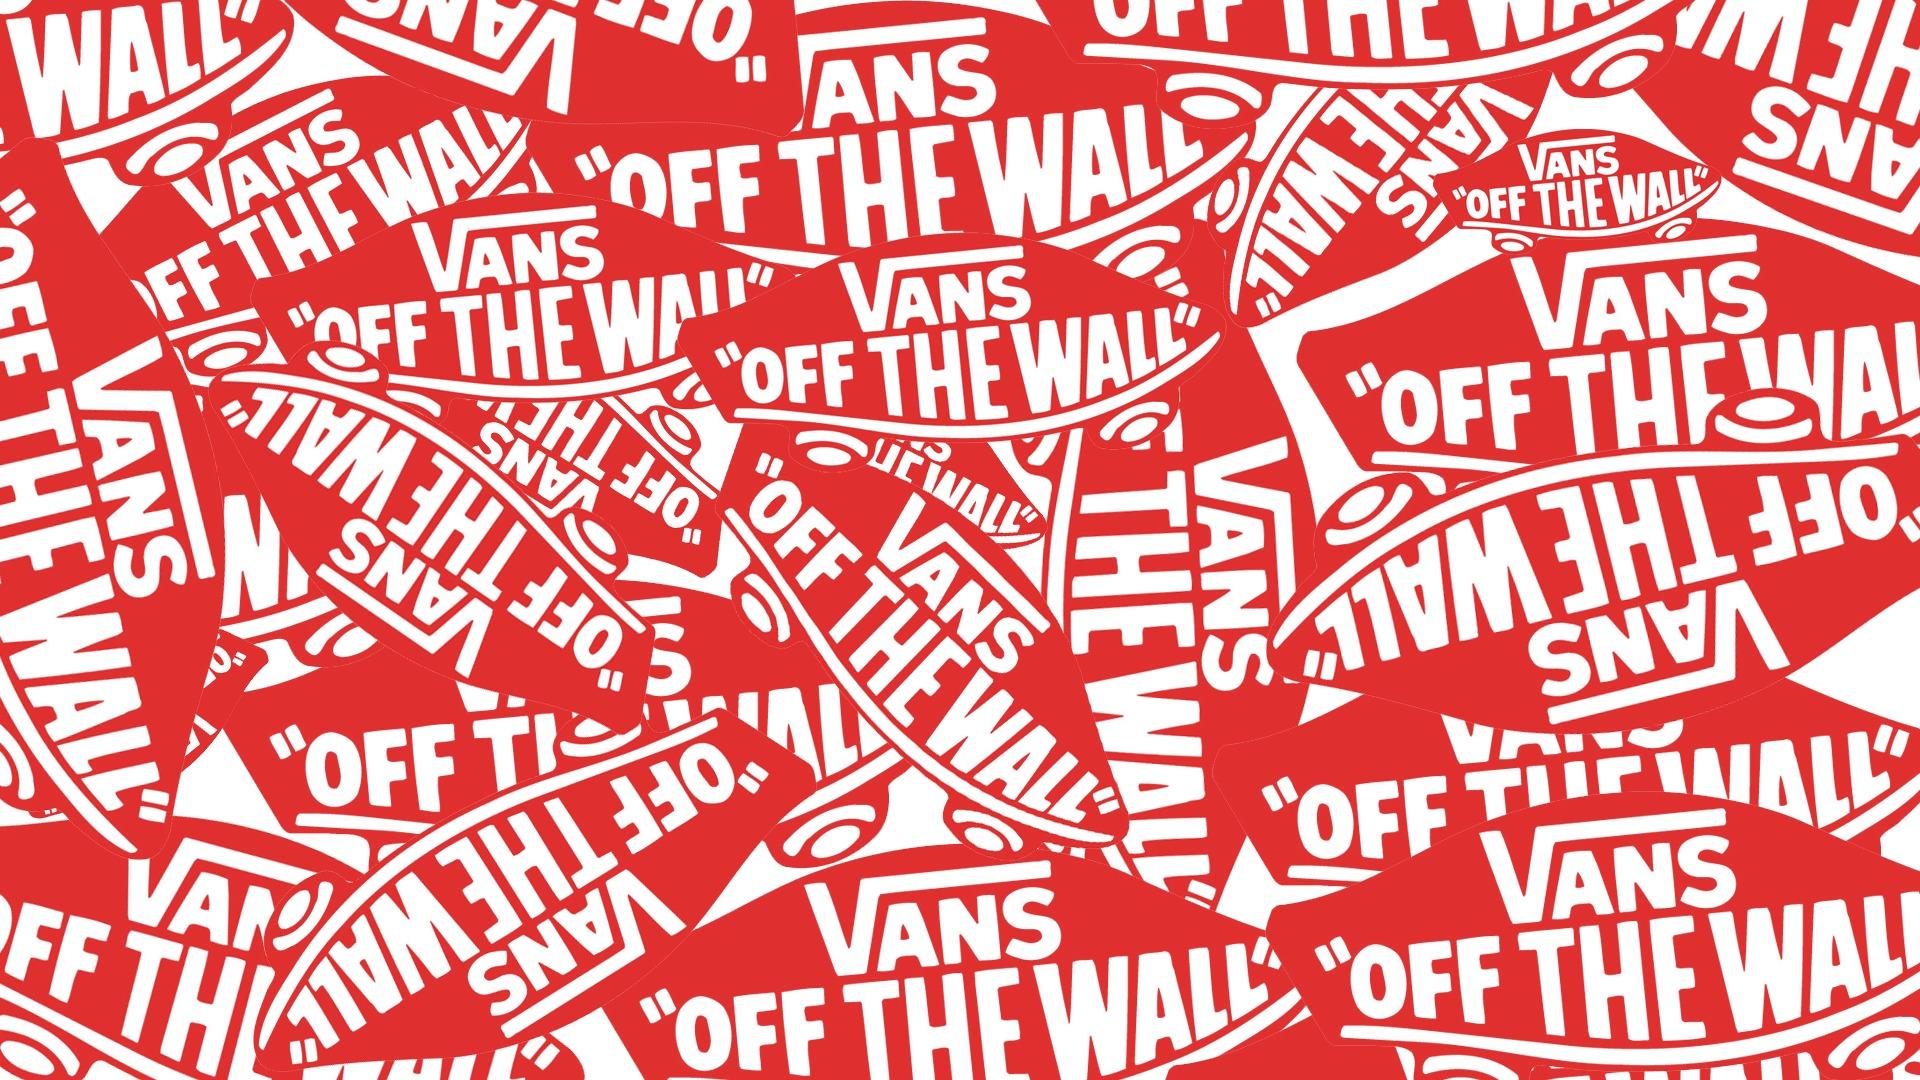 vans desktop wallpaper 51882 1920x1080 px